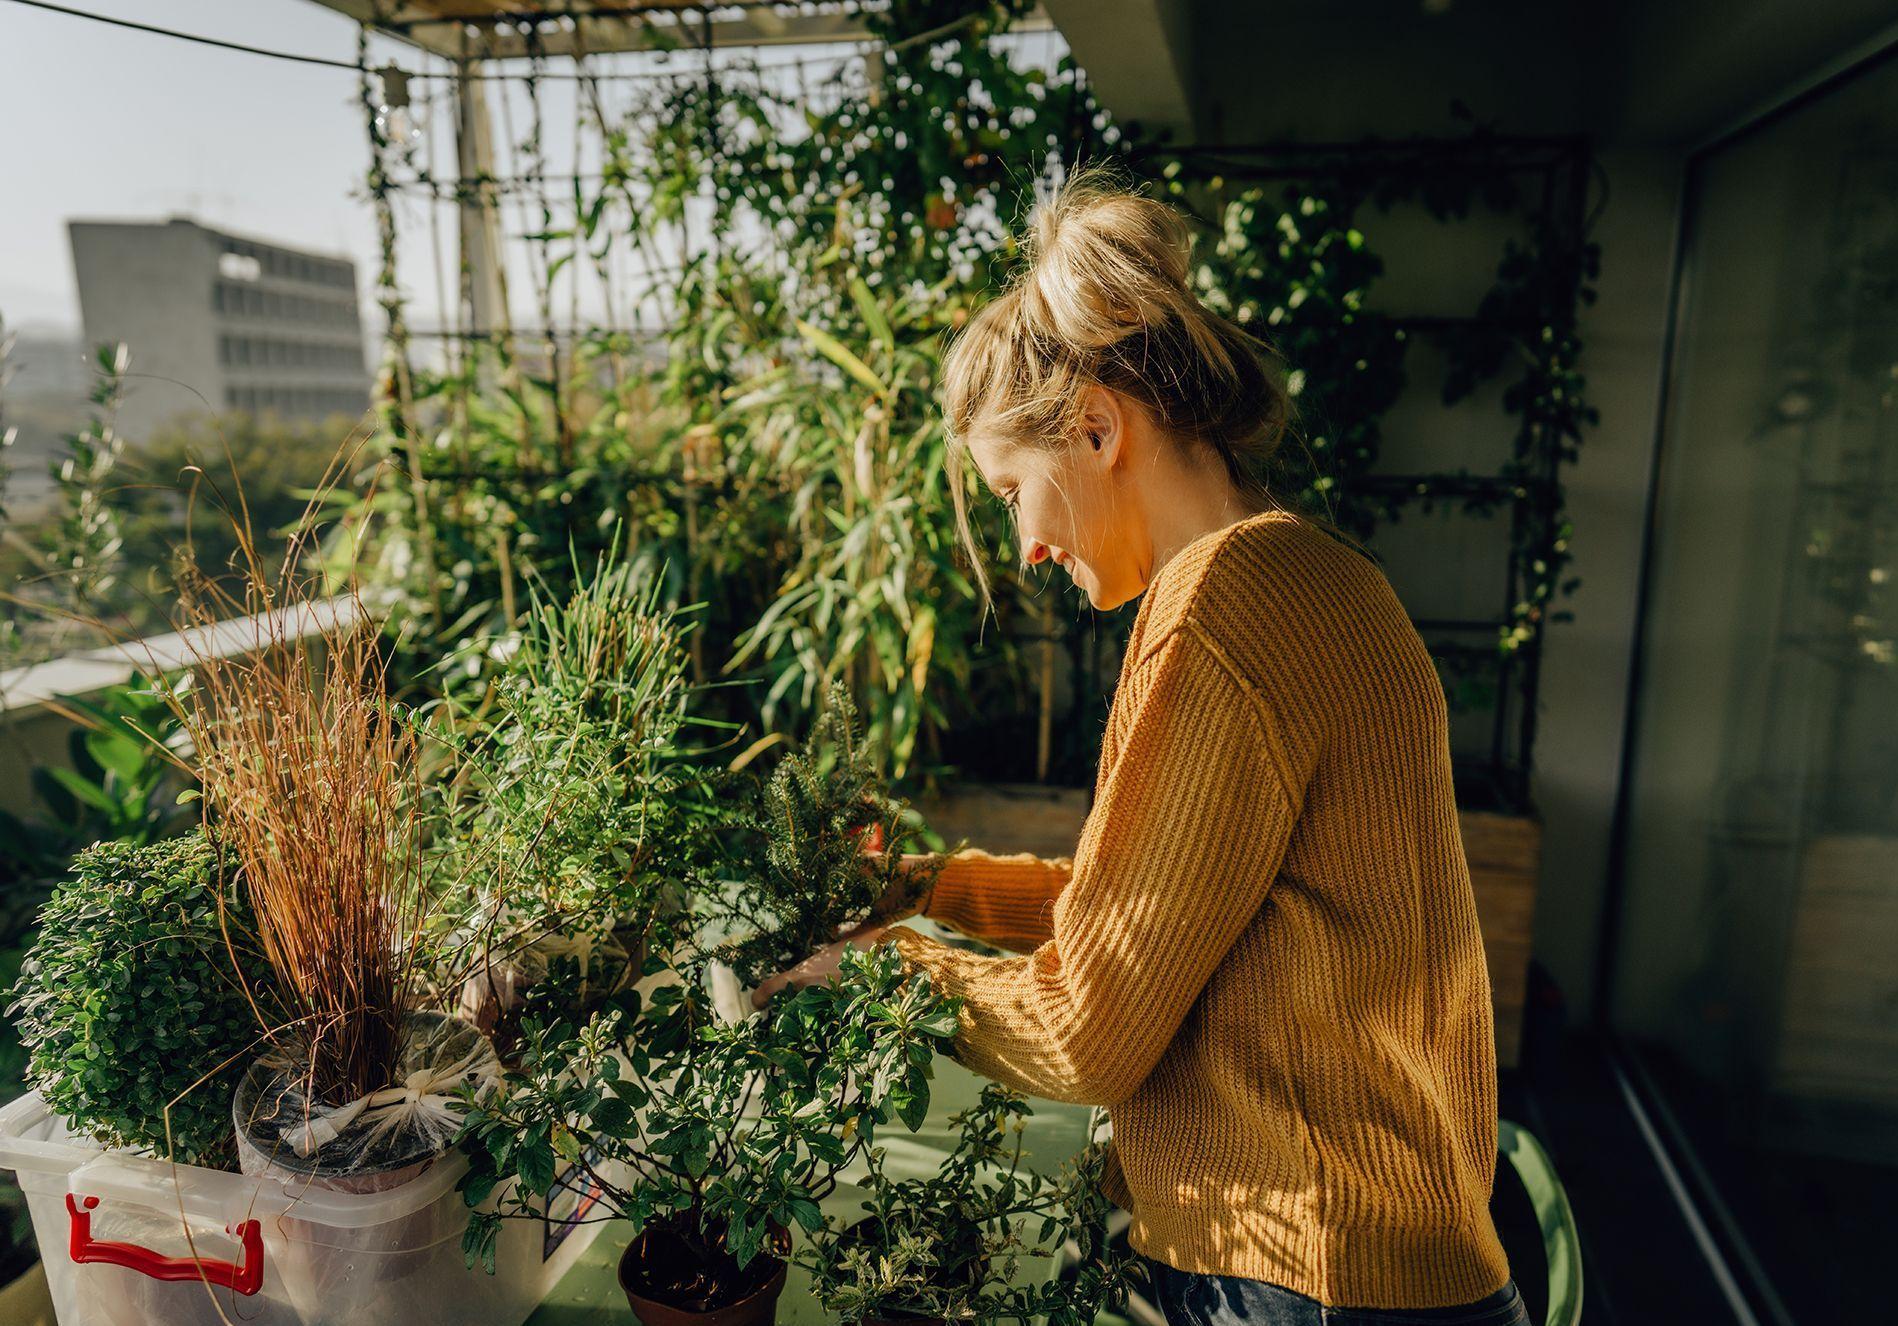 8 astuces pour avoir un balcon nourricier en permaculture - Elle Décoration